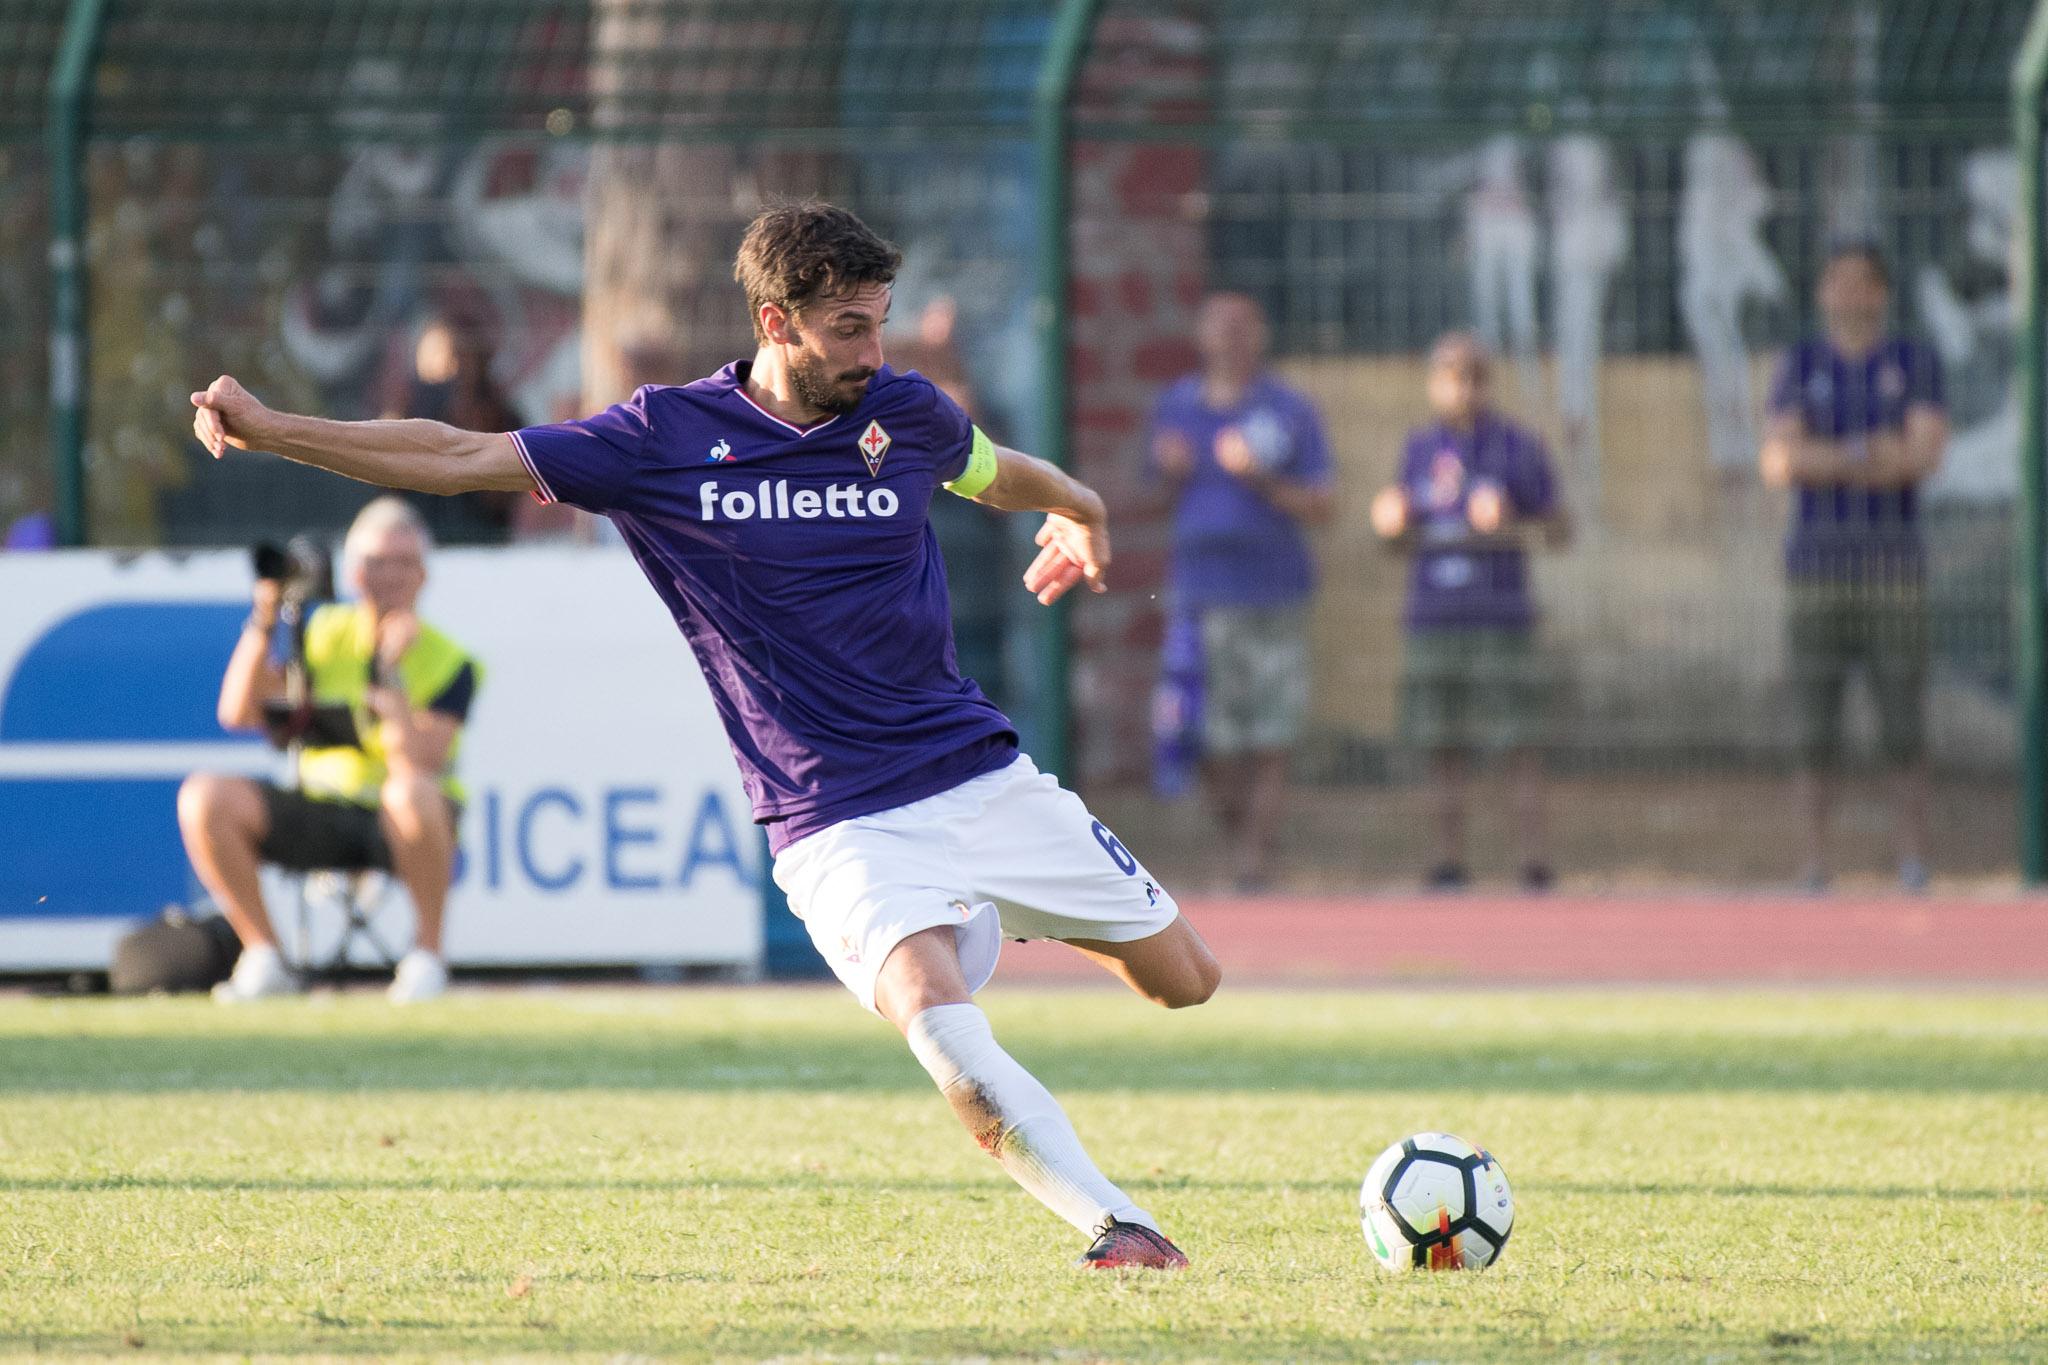 Verona-Fiorentina: Astori cala il tris e la Fiorentina dilaga a Verona!